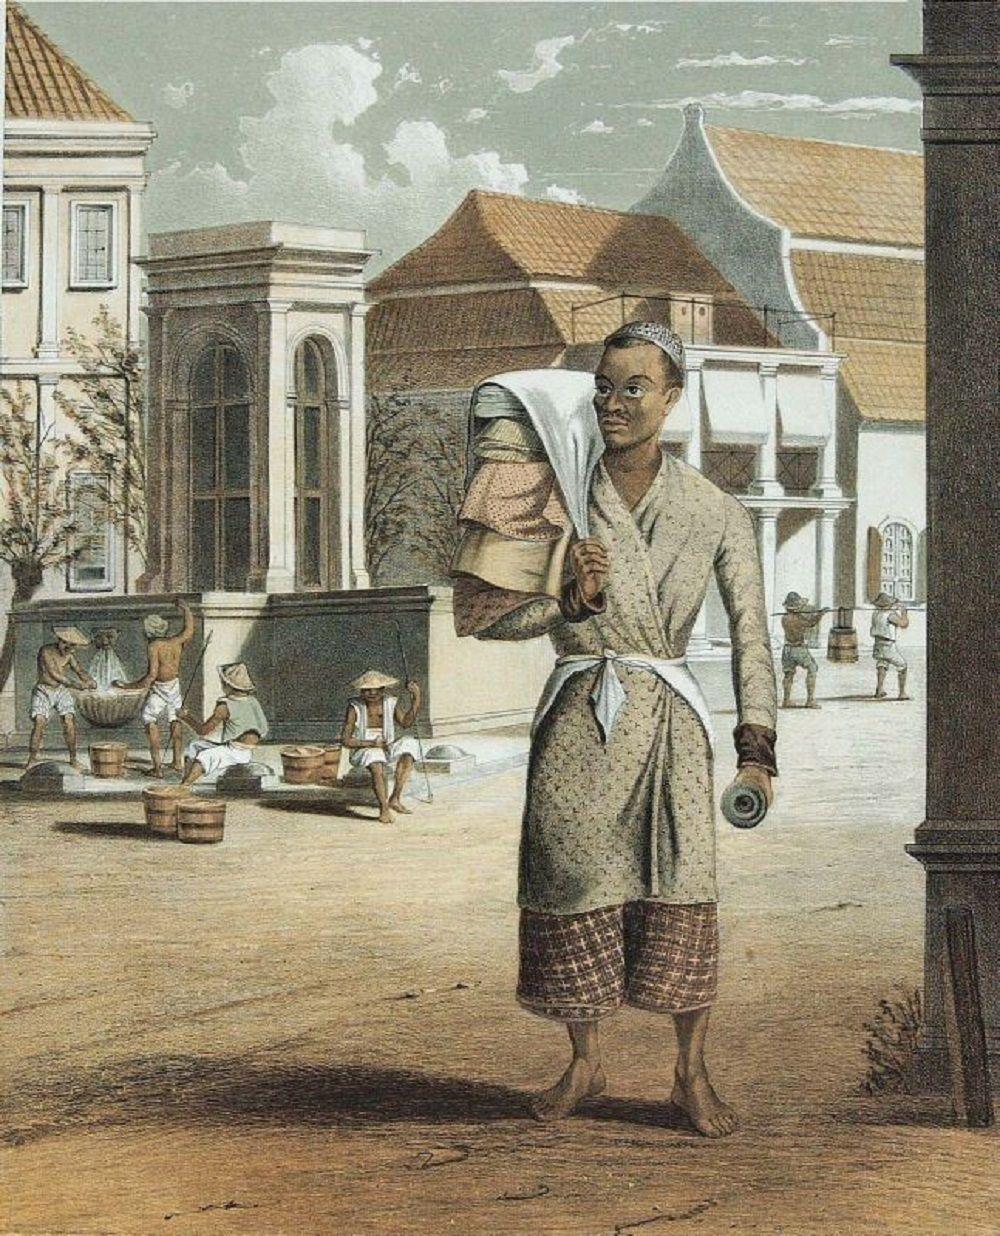 Menilik Jejak Masuknya Islam di Jakarta, pada Bangunan Masjid Kuno di Pekojan